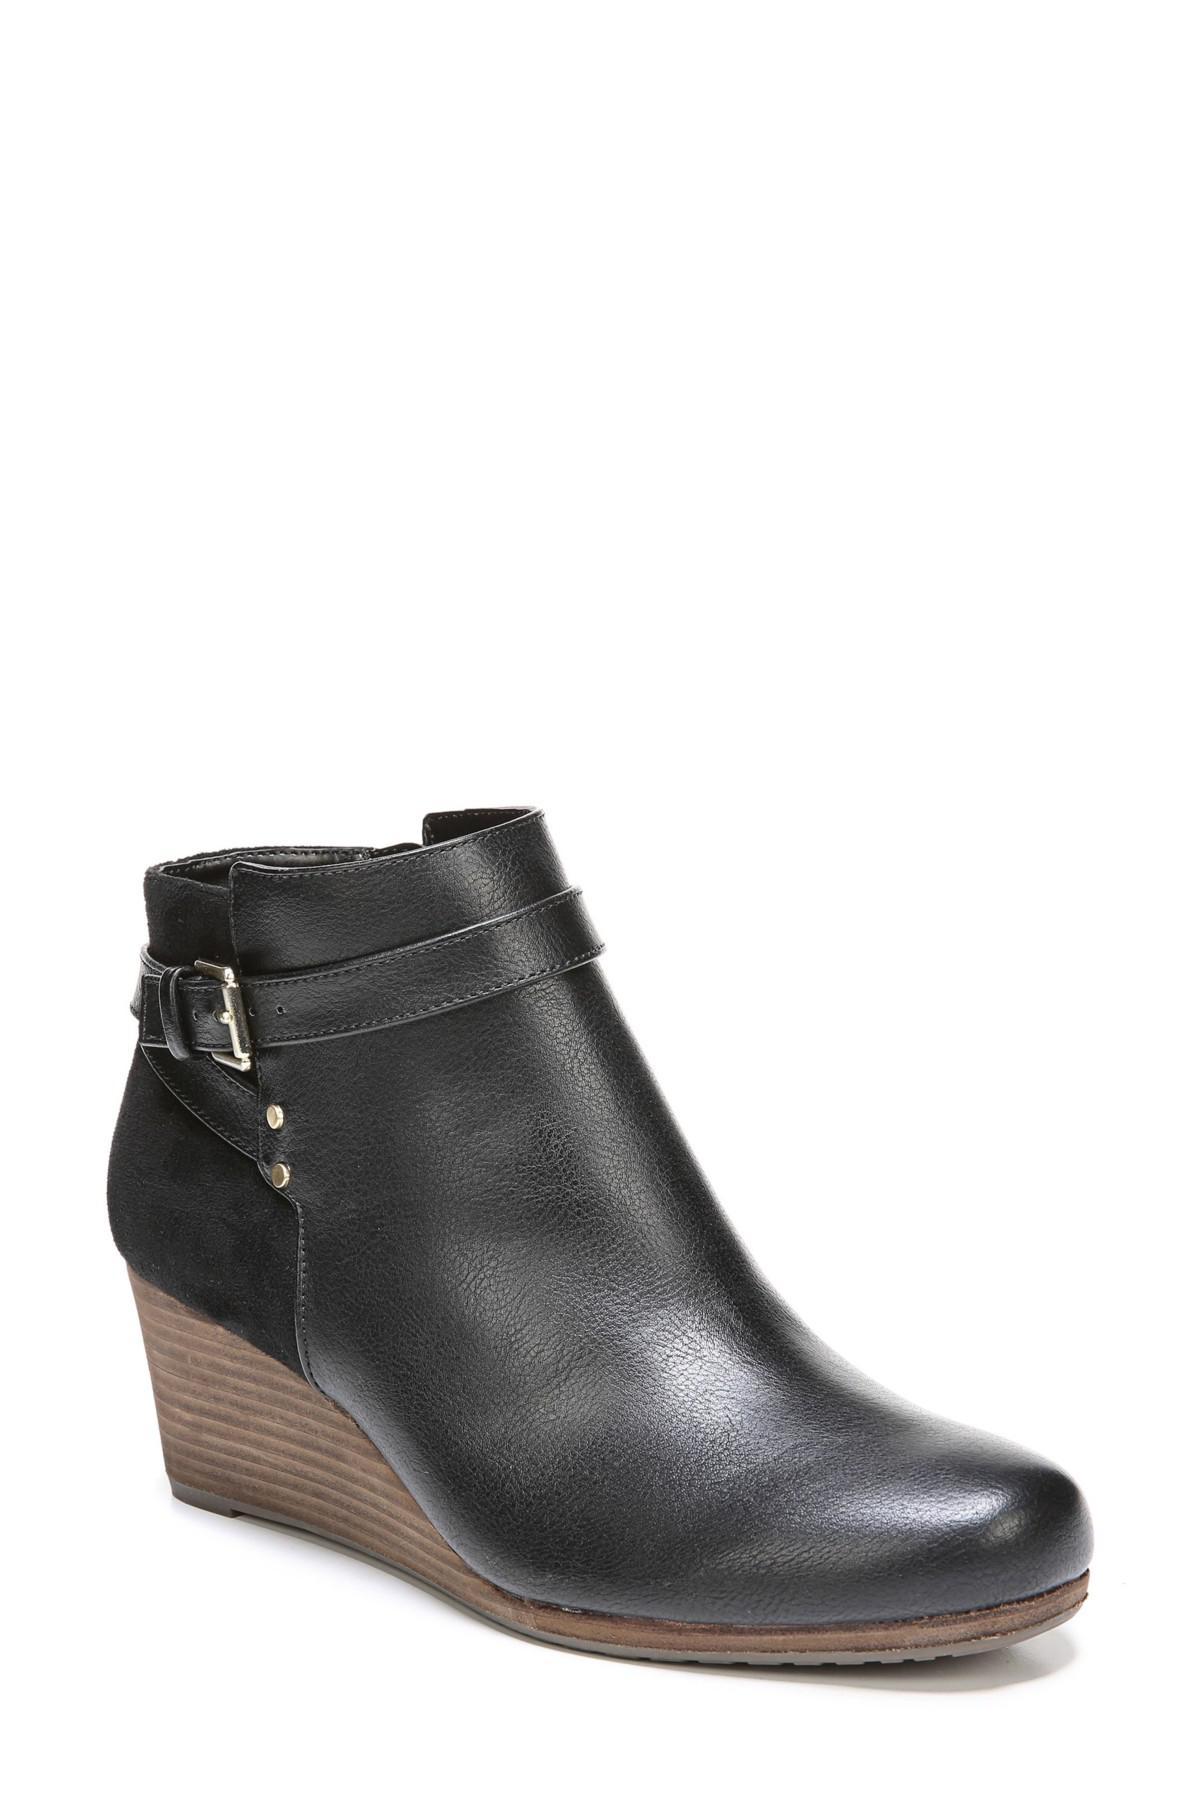 91d3079eaf1 Lyst - Dr. Scholls Double Wedge Bootie (women) in Black